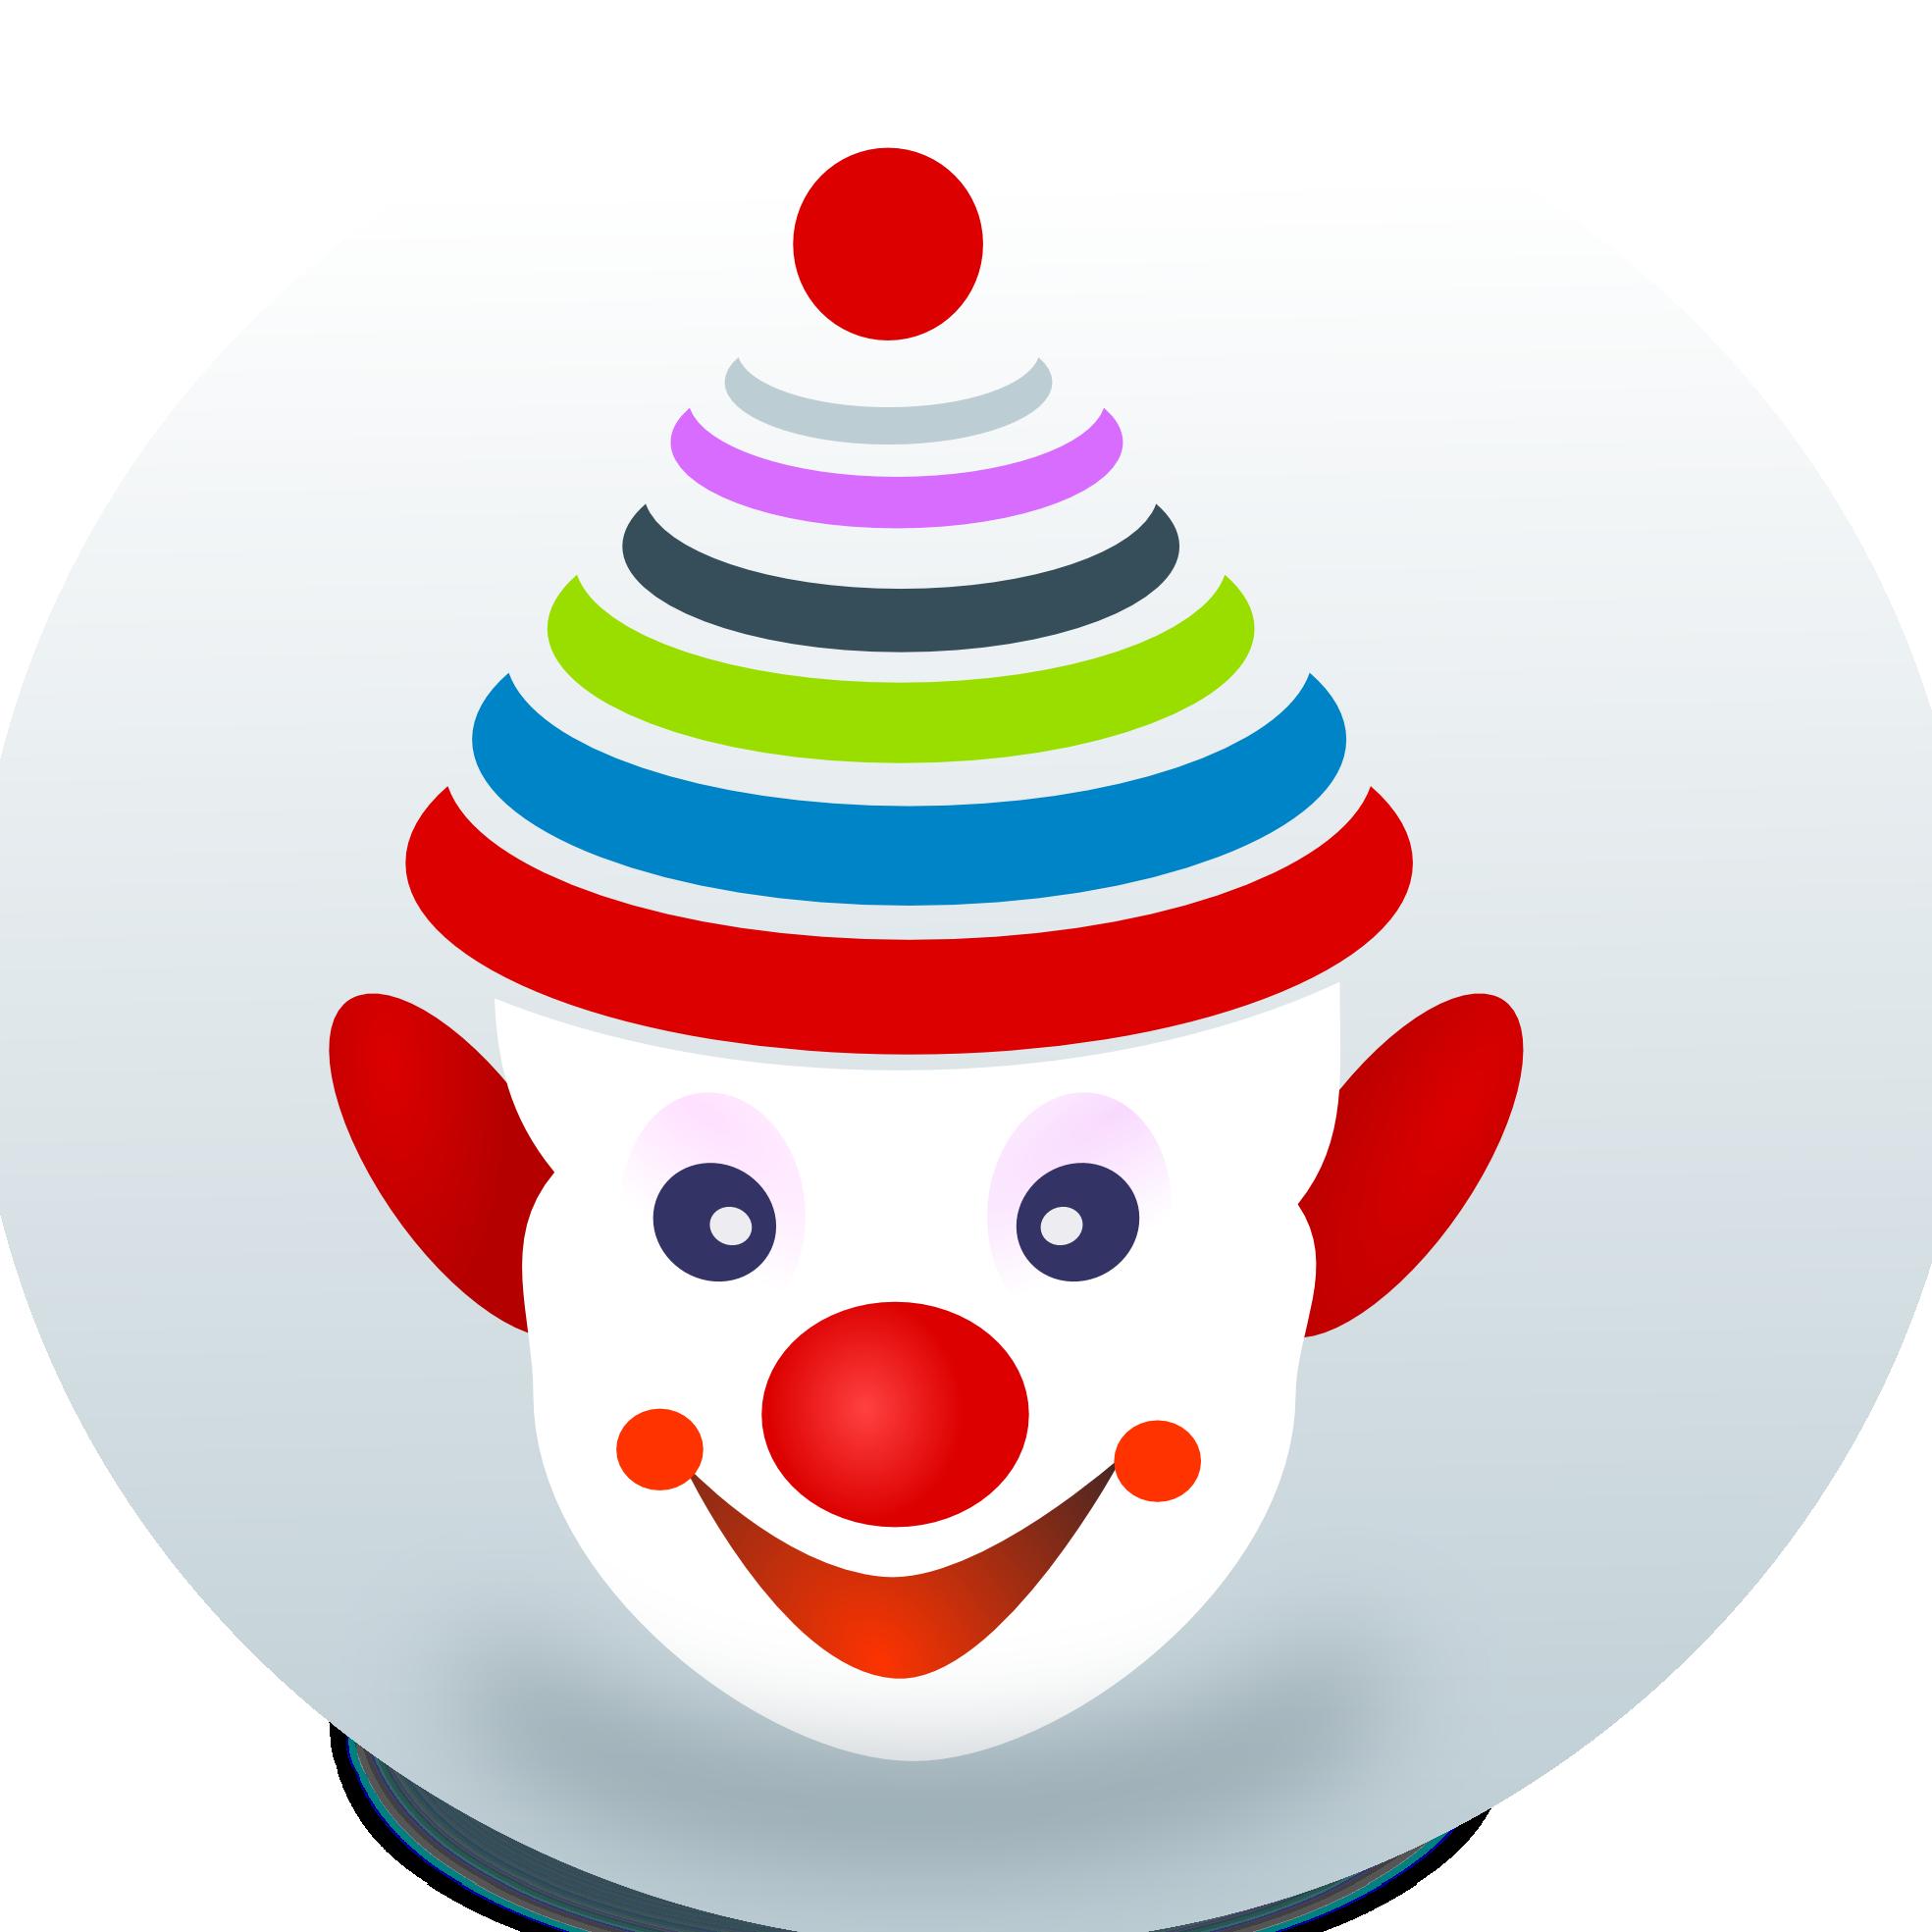 Joker clipart joker face Clip Free Joker net Download